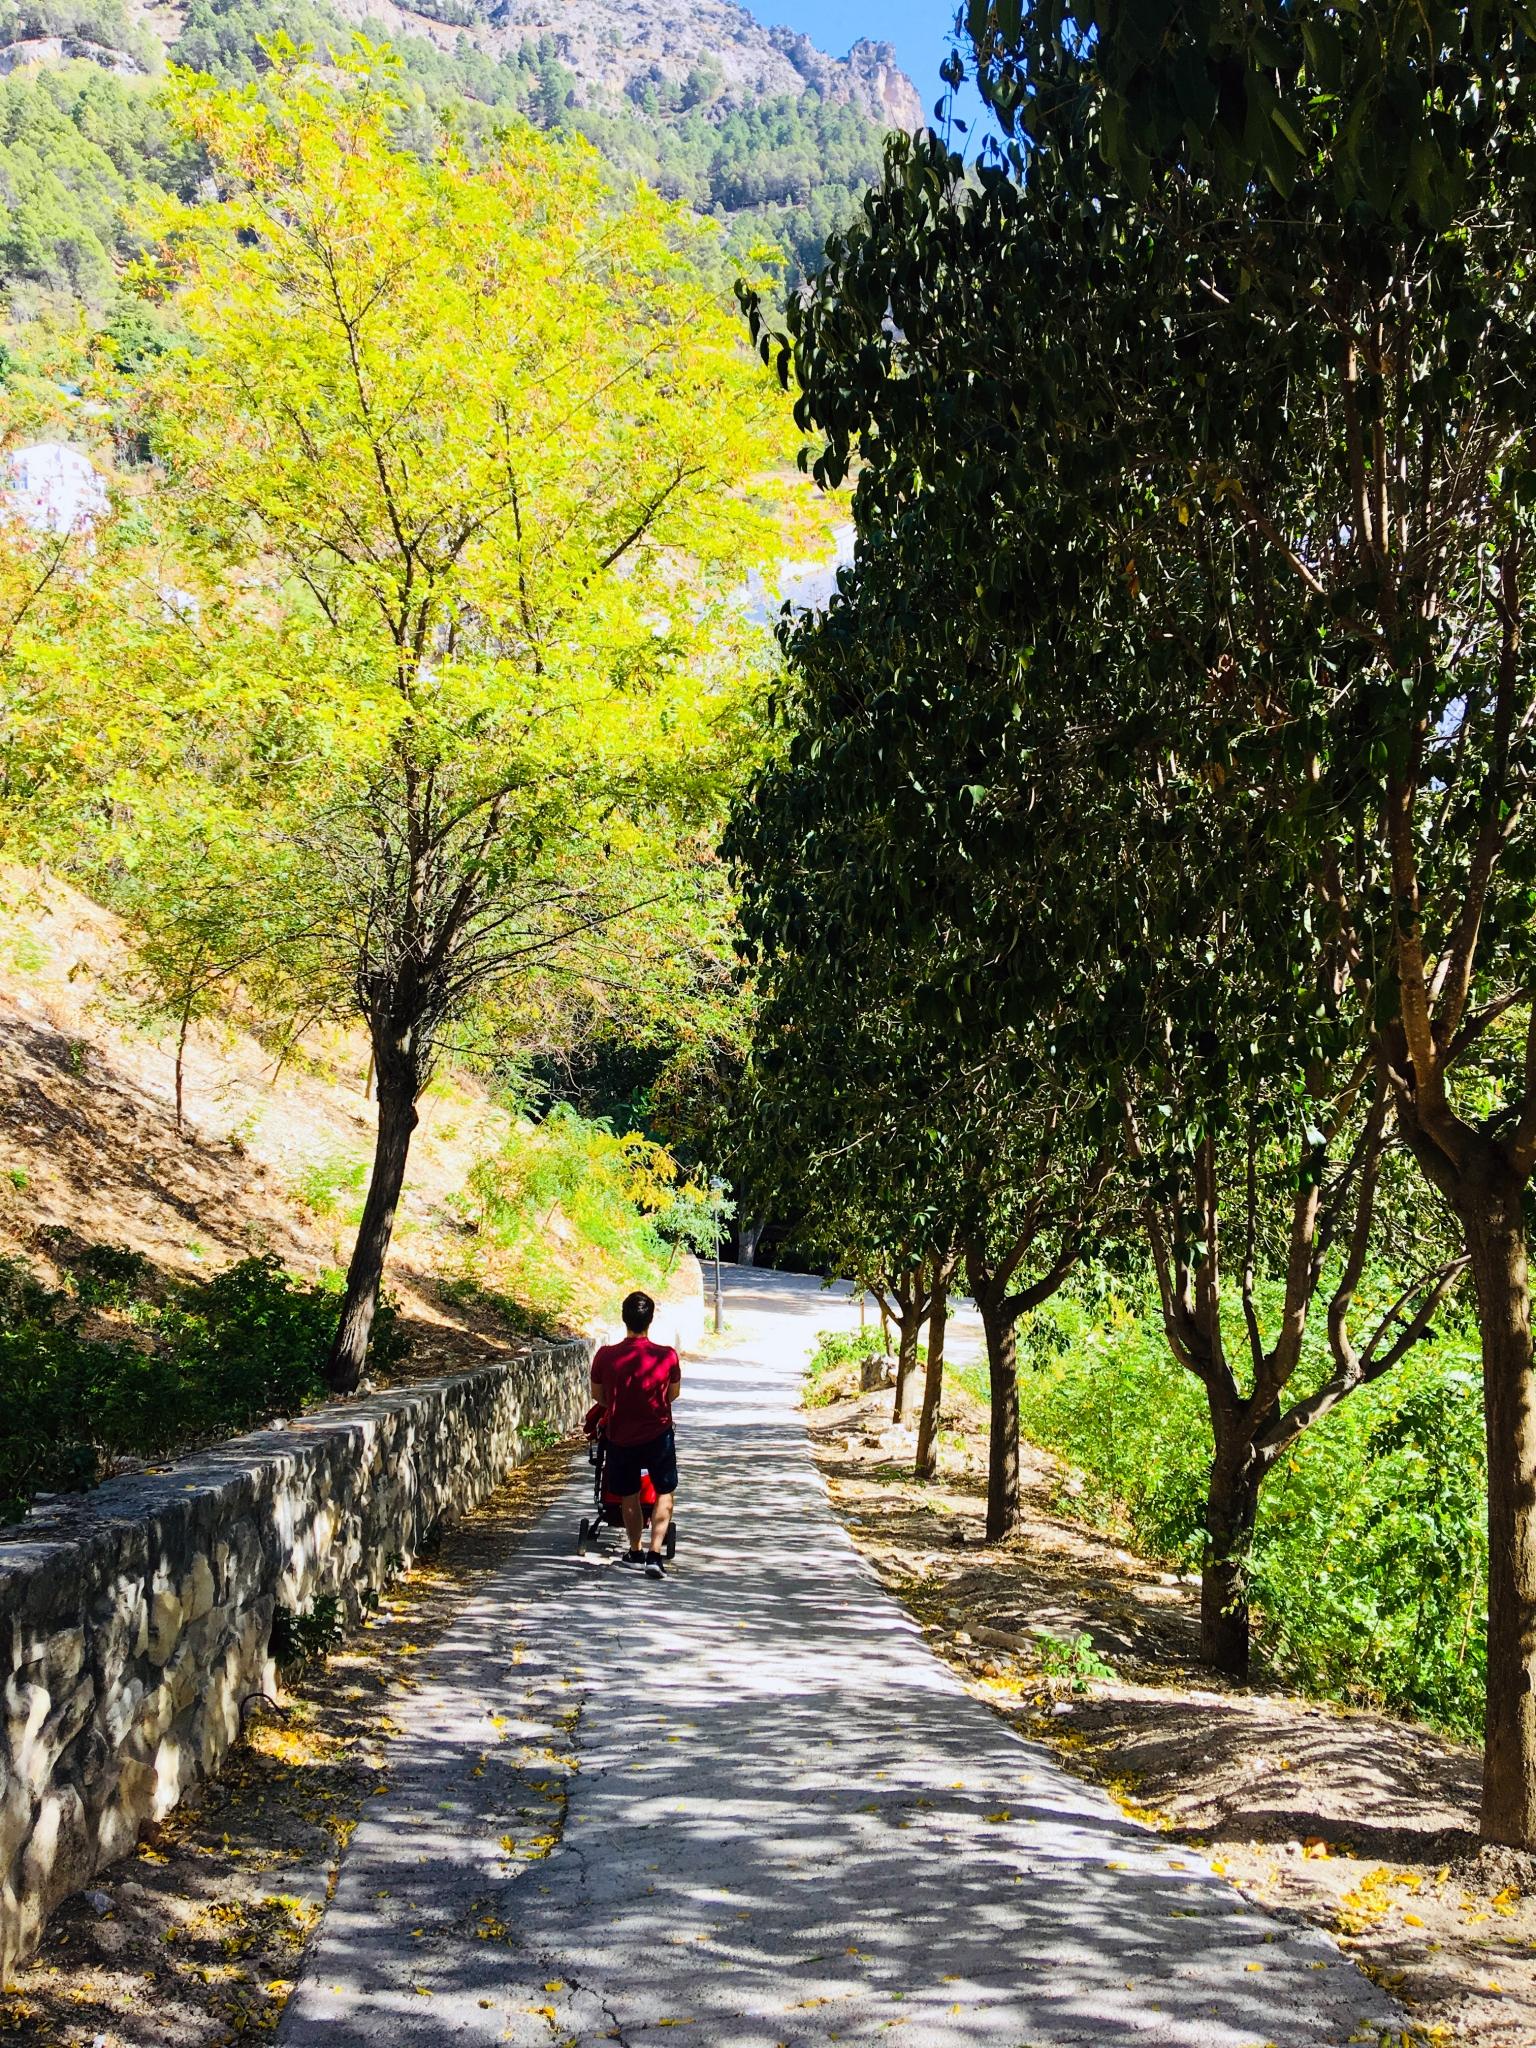 paseo fluvial del río cerezuelo.